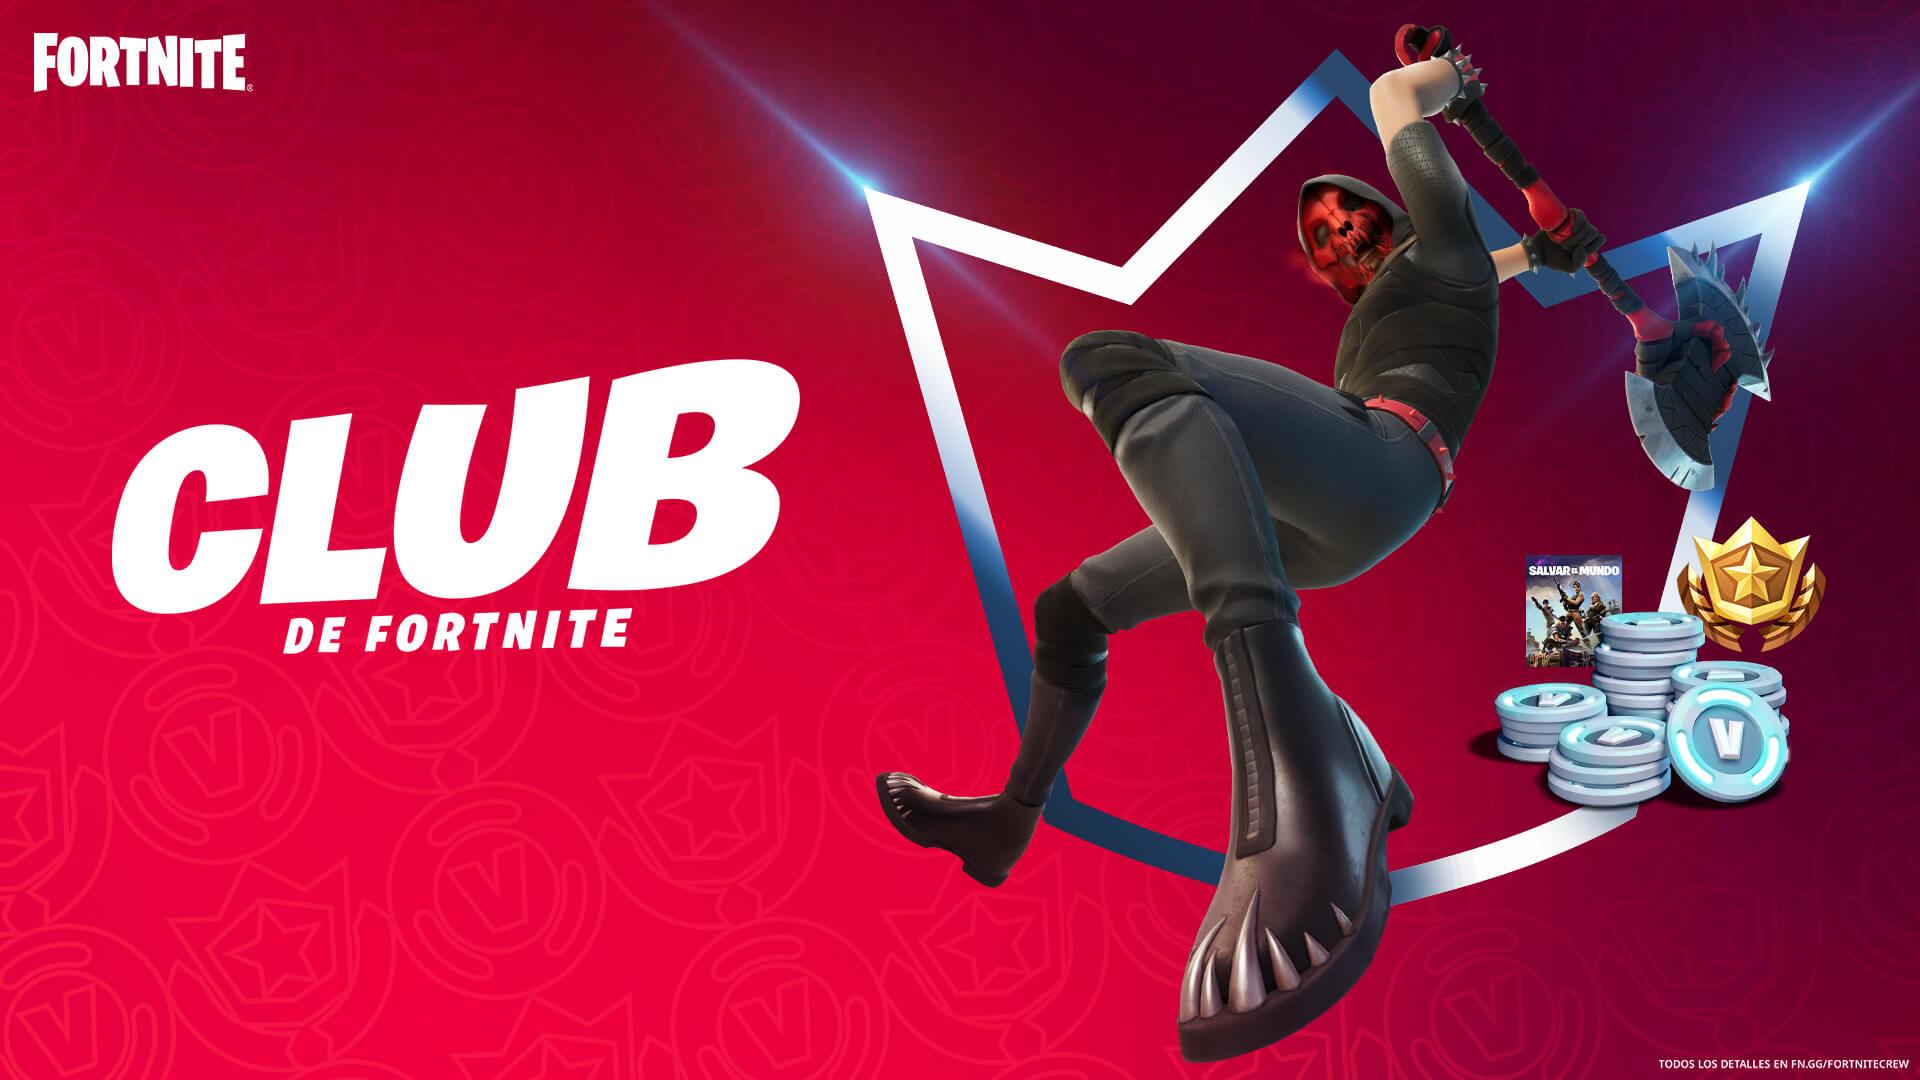 Club de Fortnite de Mayo incluye salvar al mundo